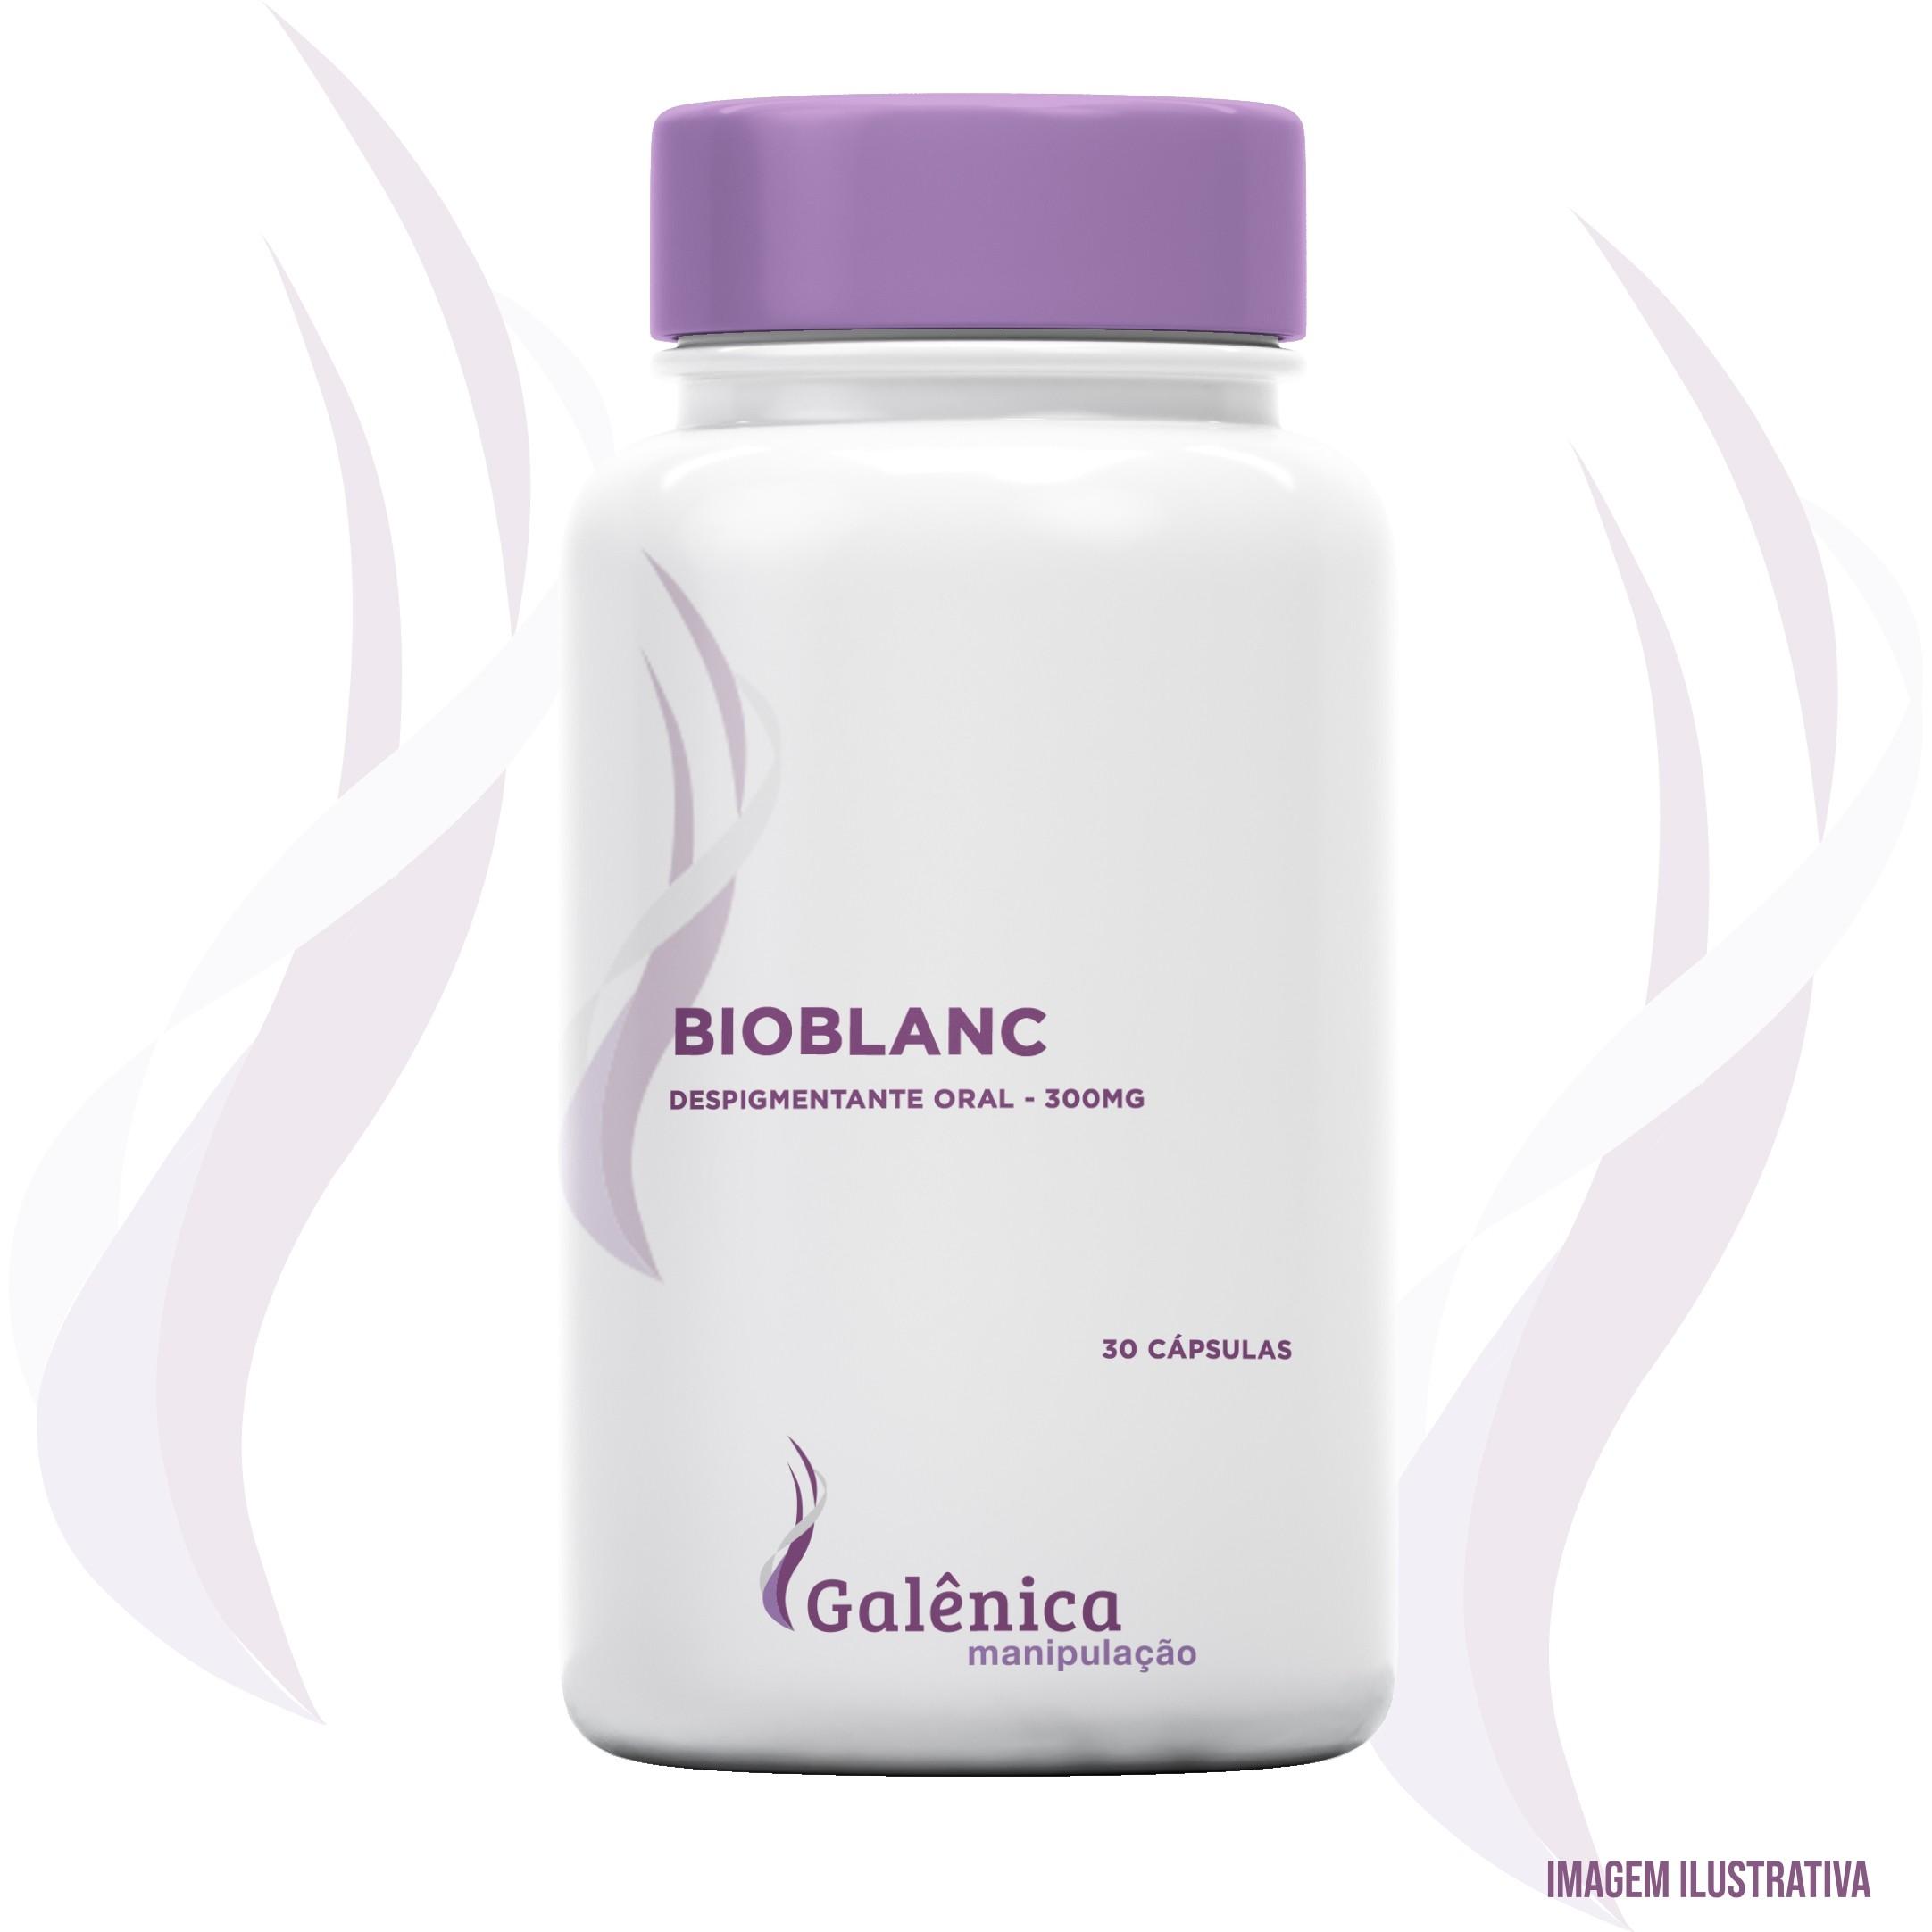 BioBlanc - Despigmentante oral - 300mg - 30 cápsulas